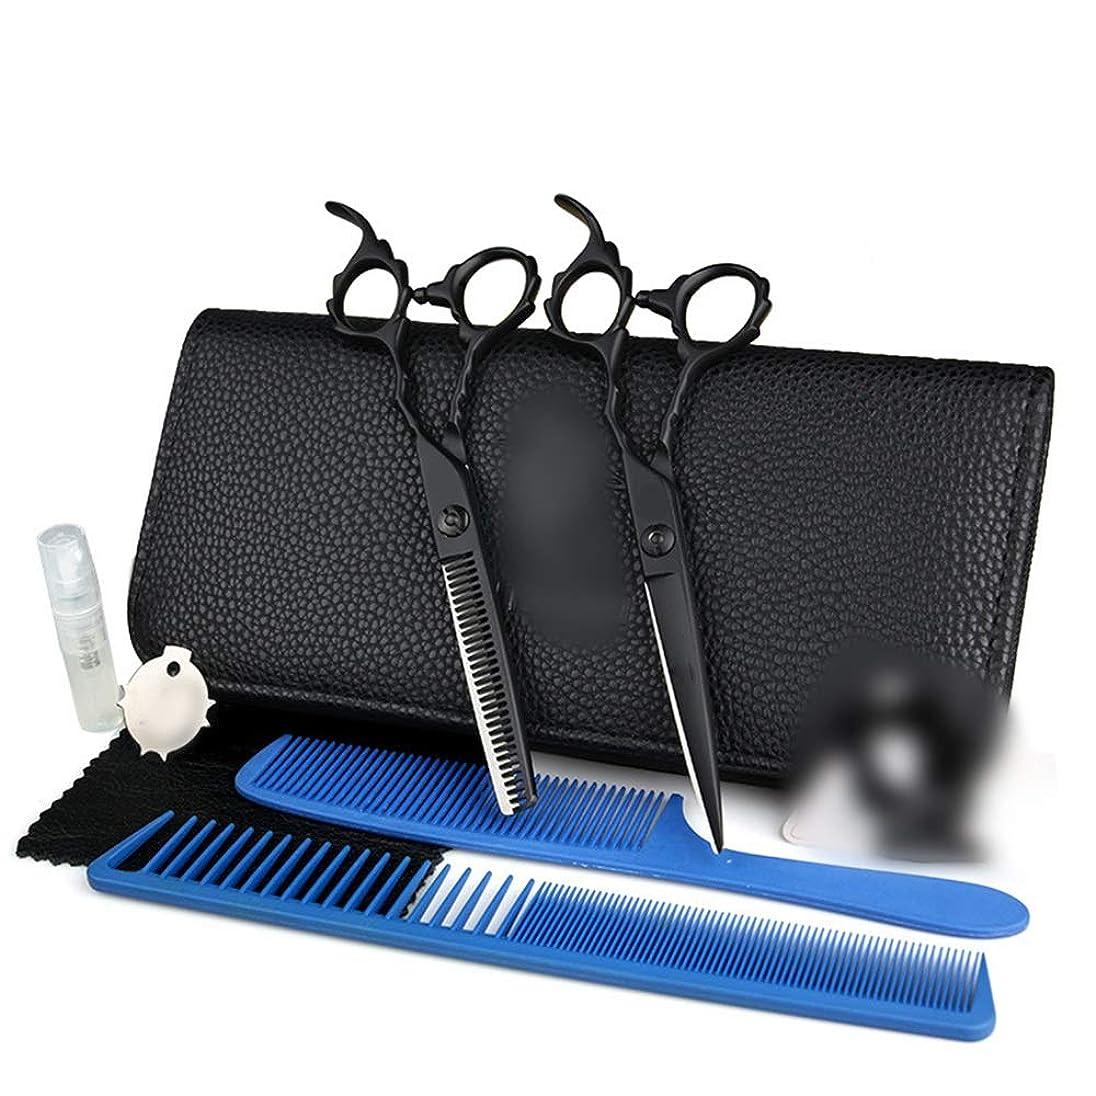 パンフレット宙返りインチGoodsok-jp 6.0インチの毛の専門の黒く平らな歯のはさみははさみ用具を置きました (色 : 黒)